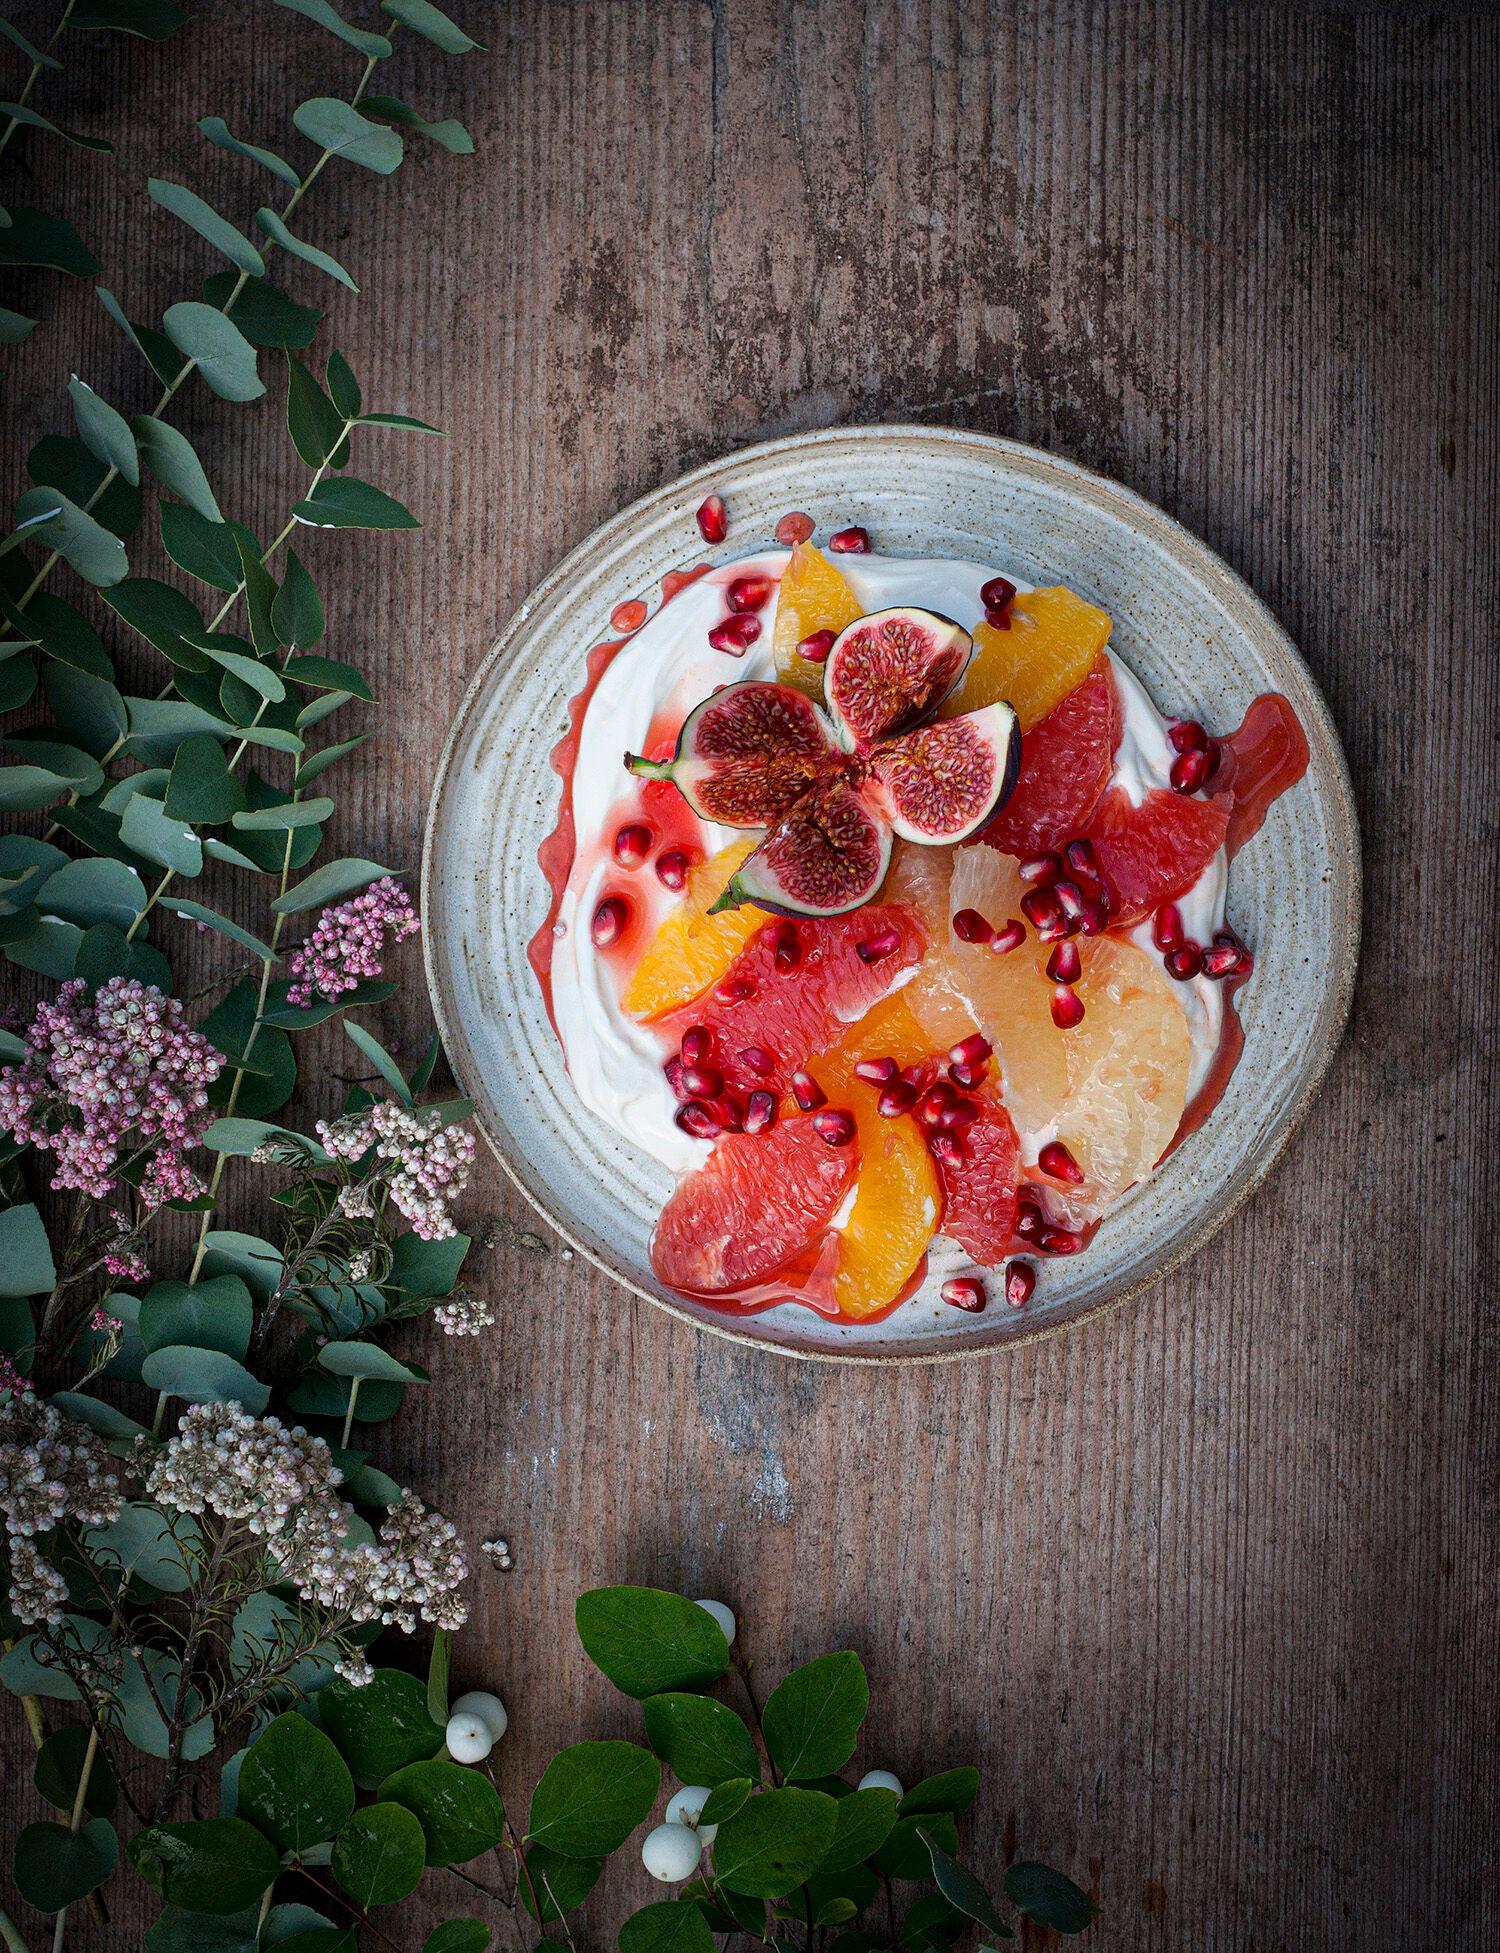 Kardemummayoghurt med citrusfrukter, granatäpple, fikon och fruktsirap